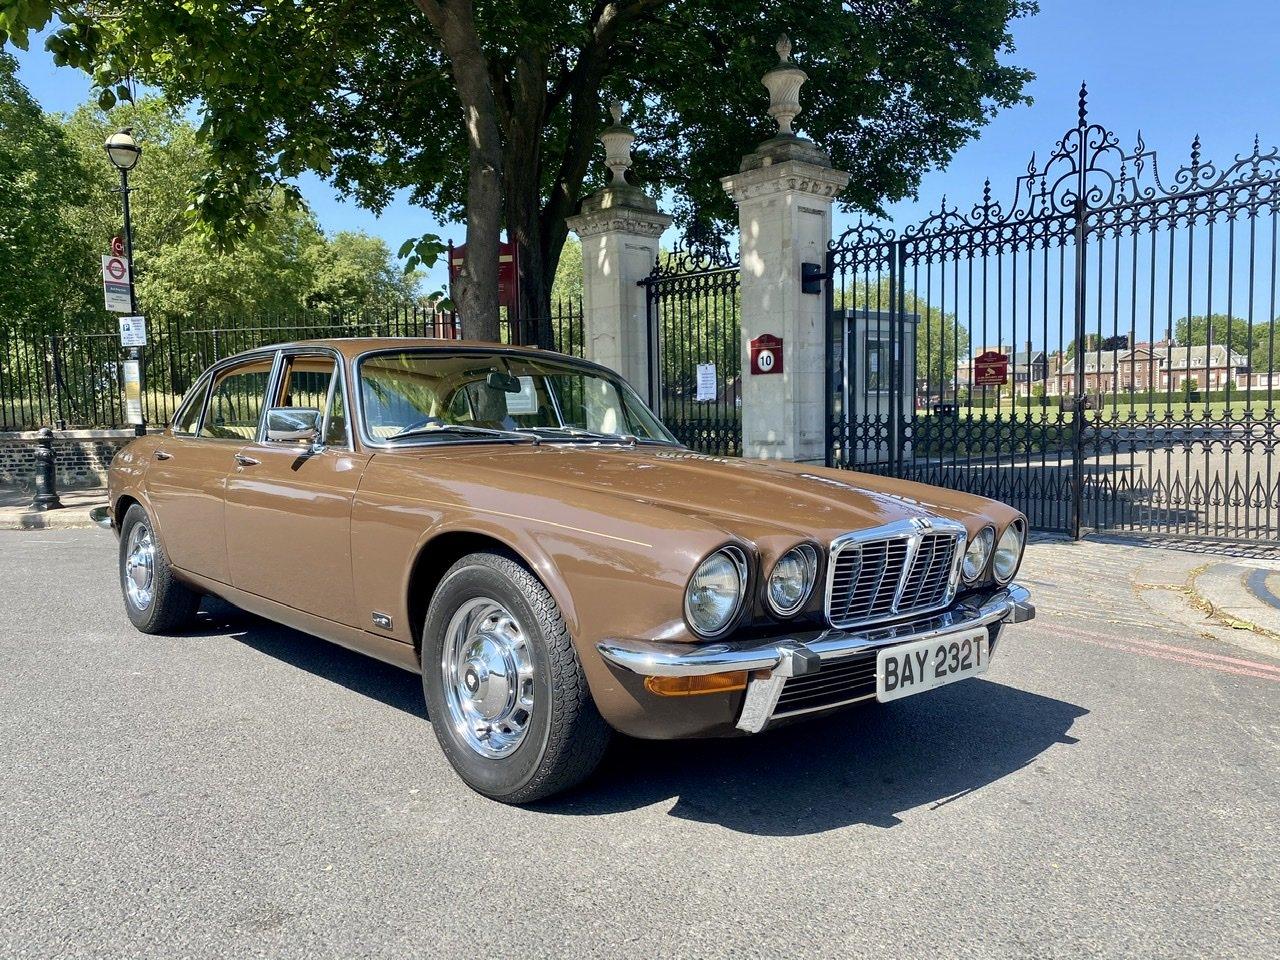 1978 Jaguar XJ6L 4.2 For Sale (picture 1 of 6)